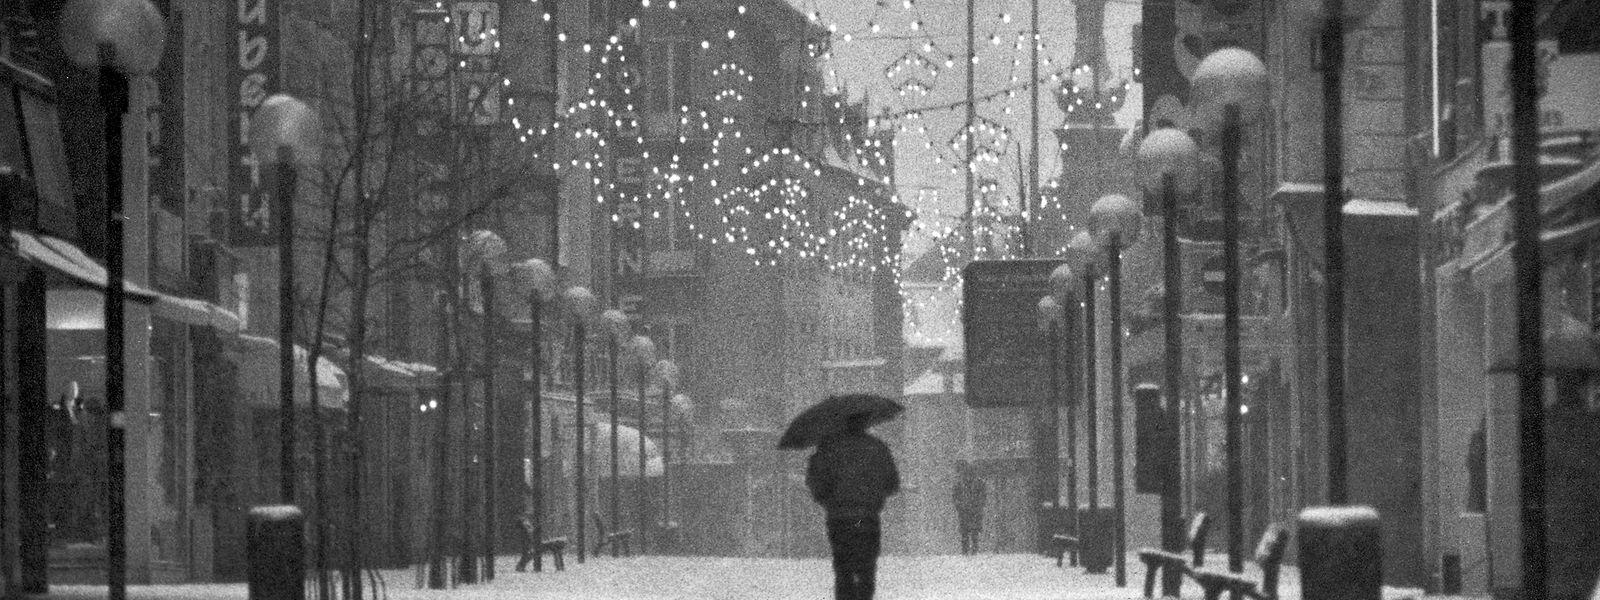 Ein Mann läuft durch den Schnee in der festlich beleuchteten Hauptstadt: Dieses Foto vom 25. Dezember 1986 entspricht dem Postkartenidyll der weißen Weihnachten.